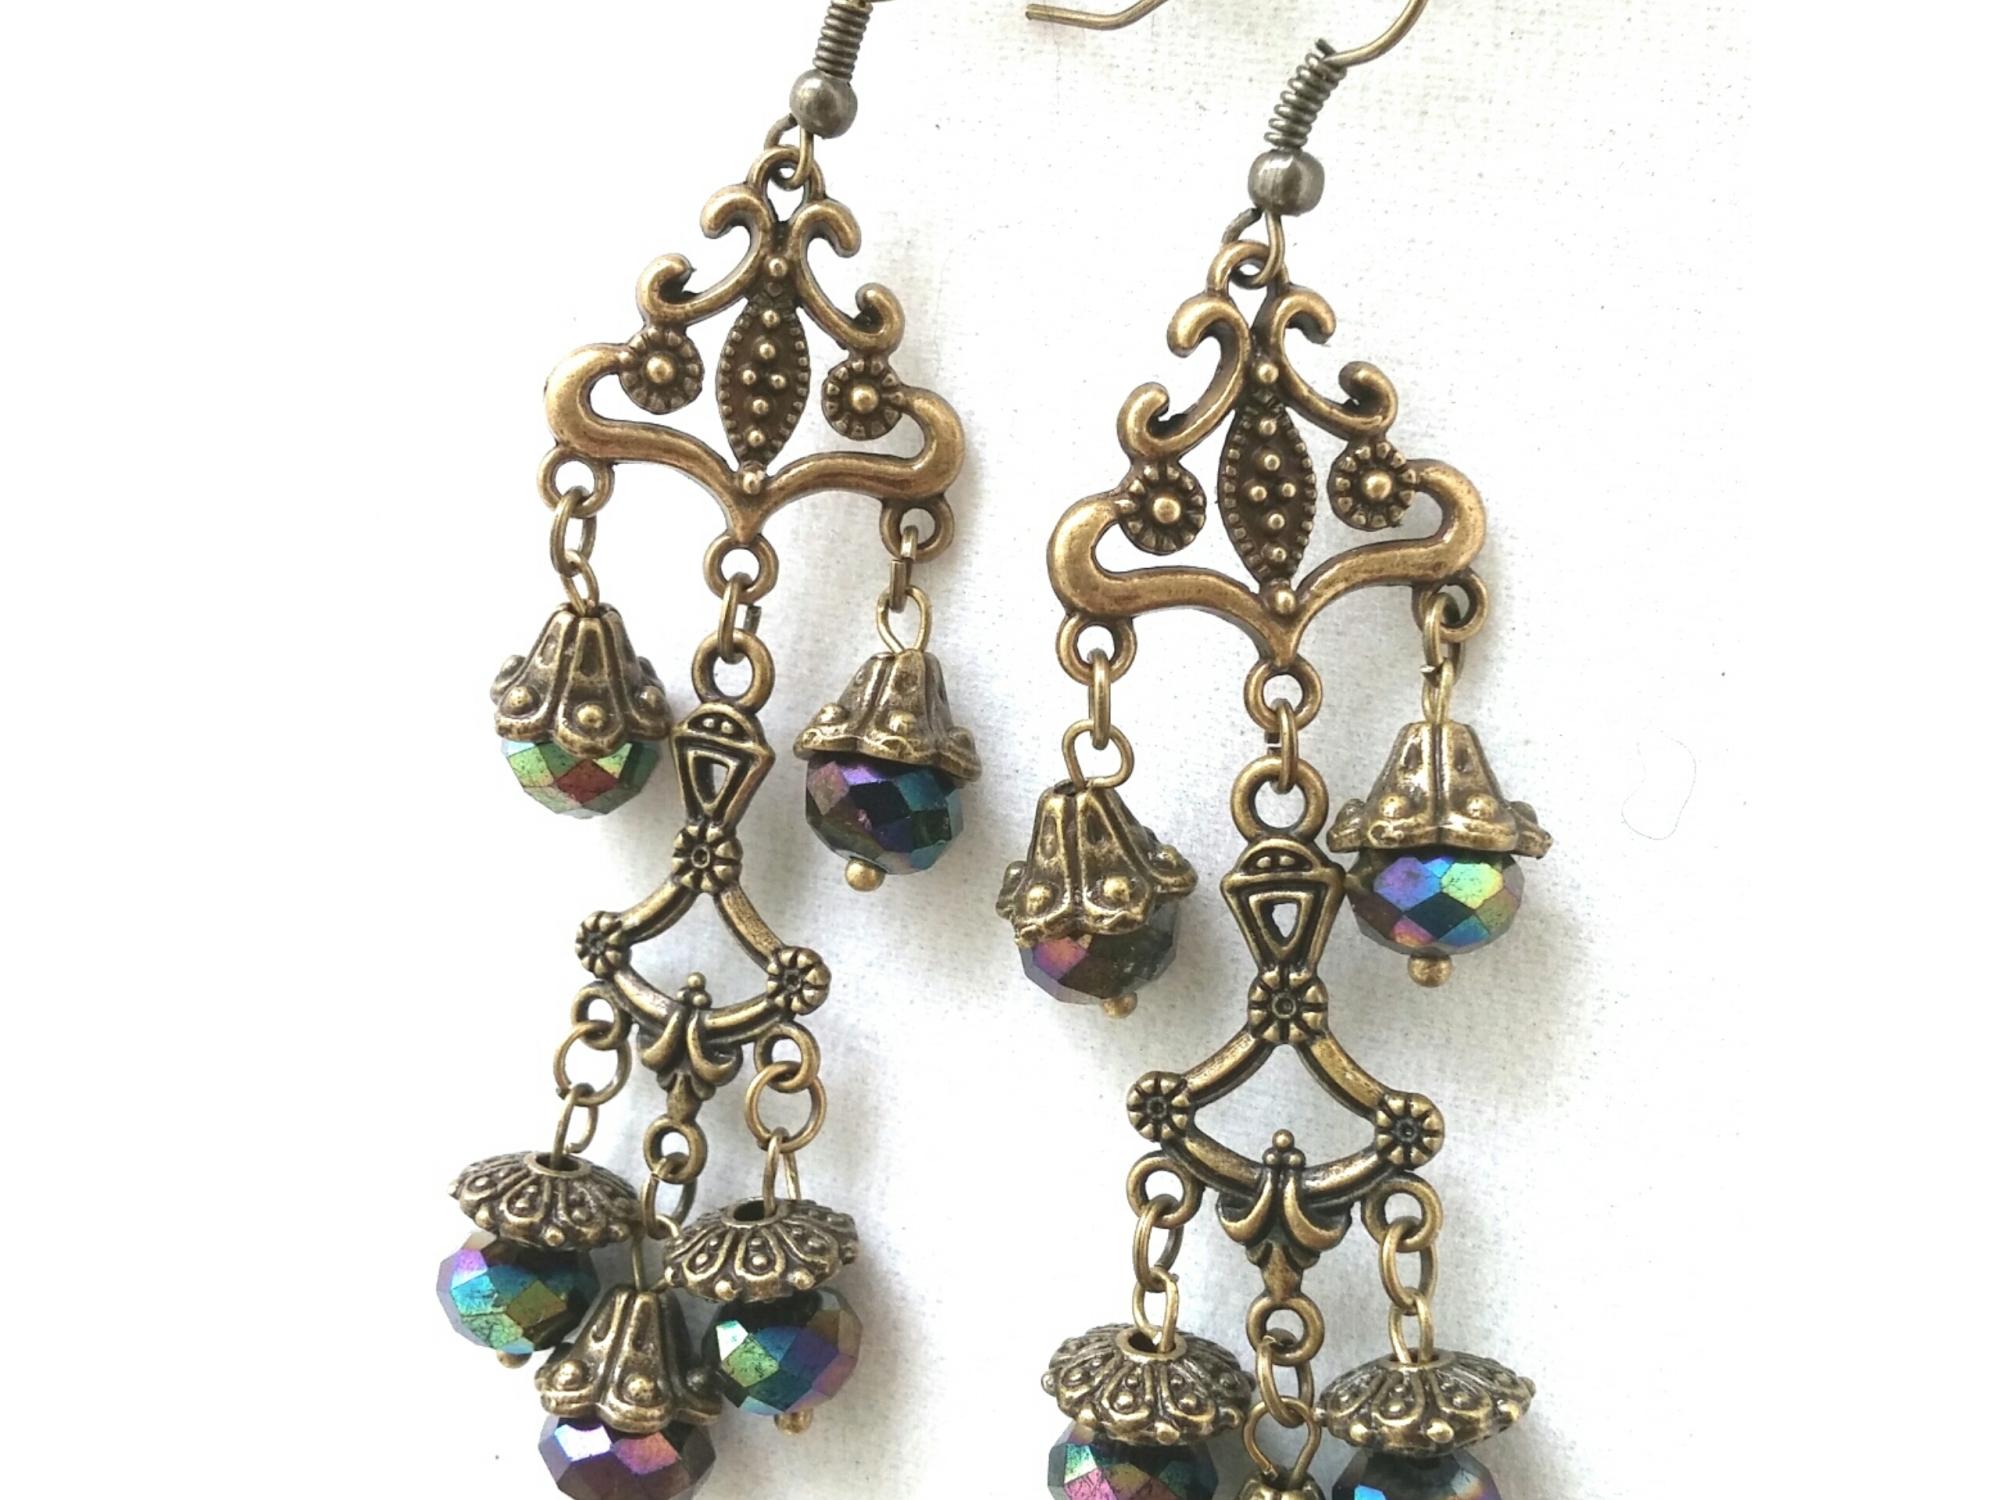 Statement Earrings, Bollywood Jewelry, Bollwood Inspired, Chandelier Earrings, Gold Earrings, Bronze Earrings, Black Earrings, Statement Jewelry, Artisian Jewelry